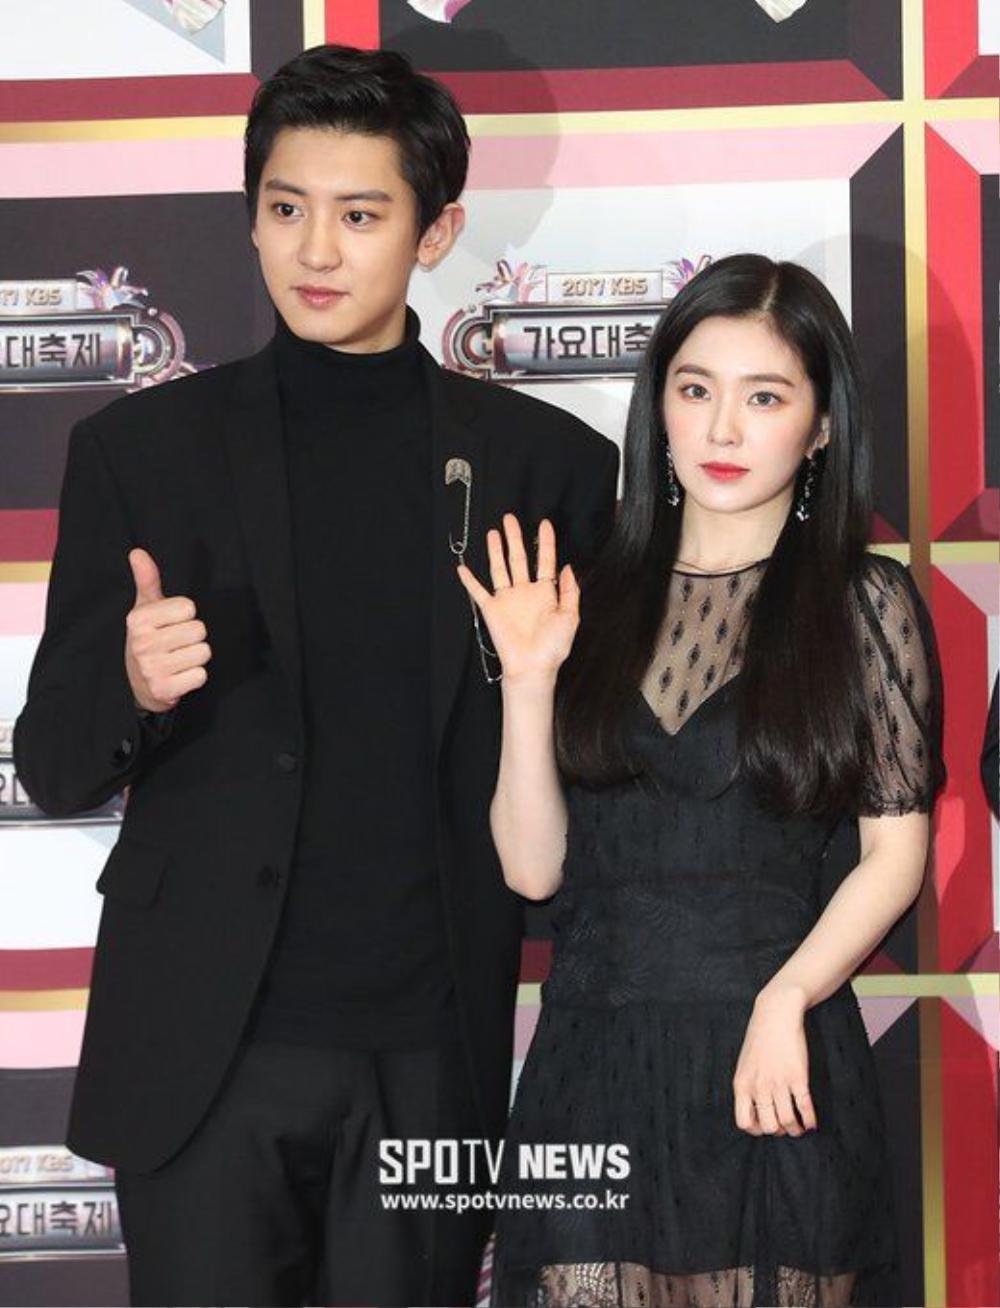 Hết Irene (Red Velvet) đến Chanyeol (EXO) gây phẫn nộ: SM khủng hoảng! Ảnh 10